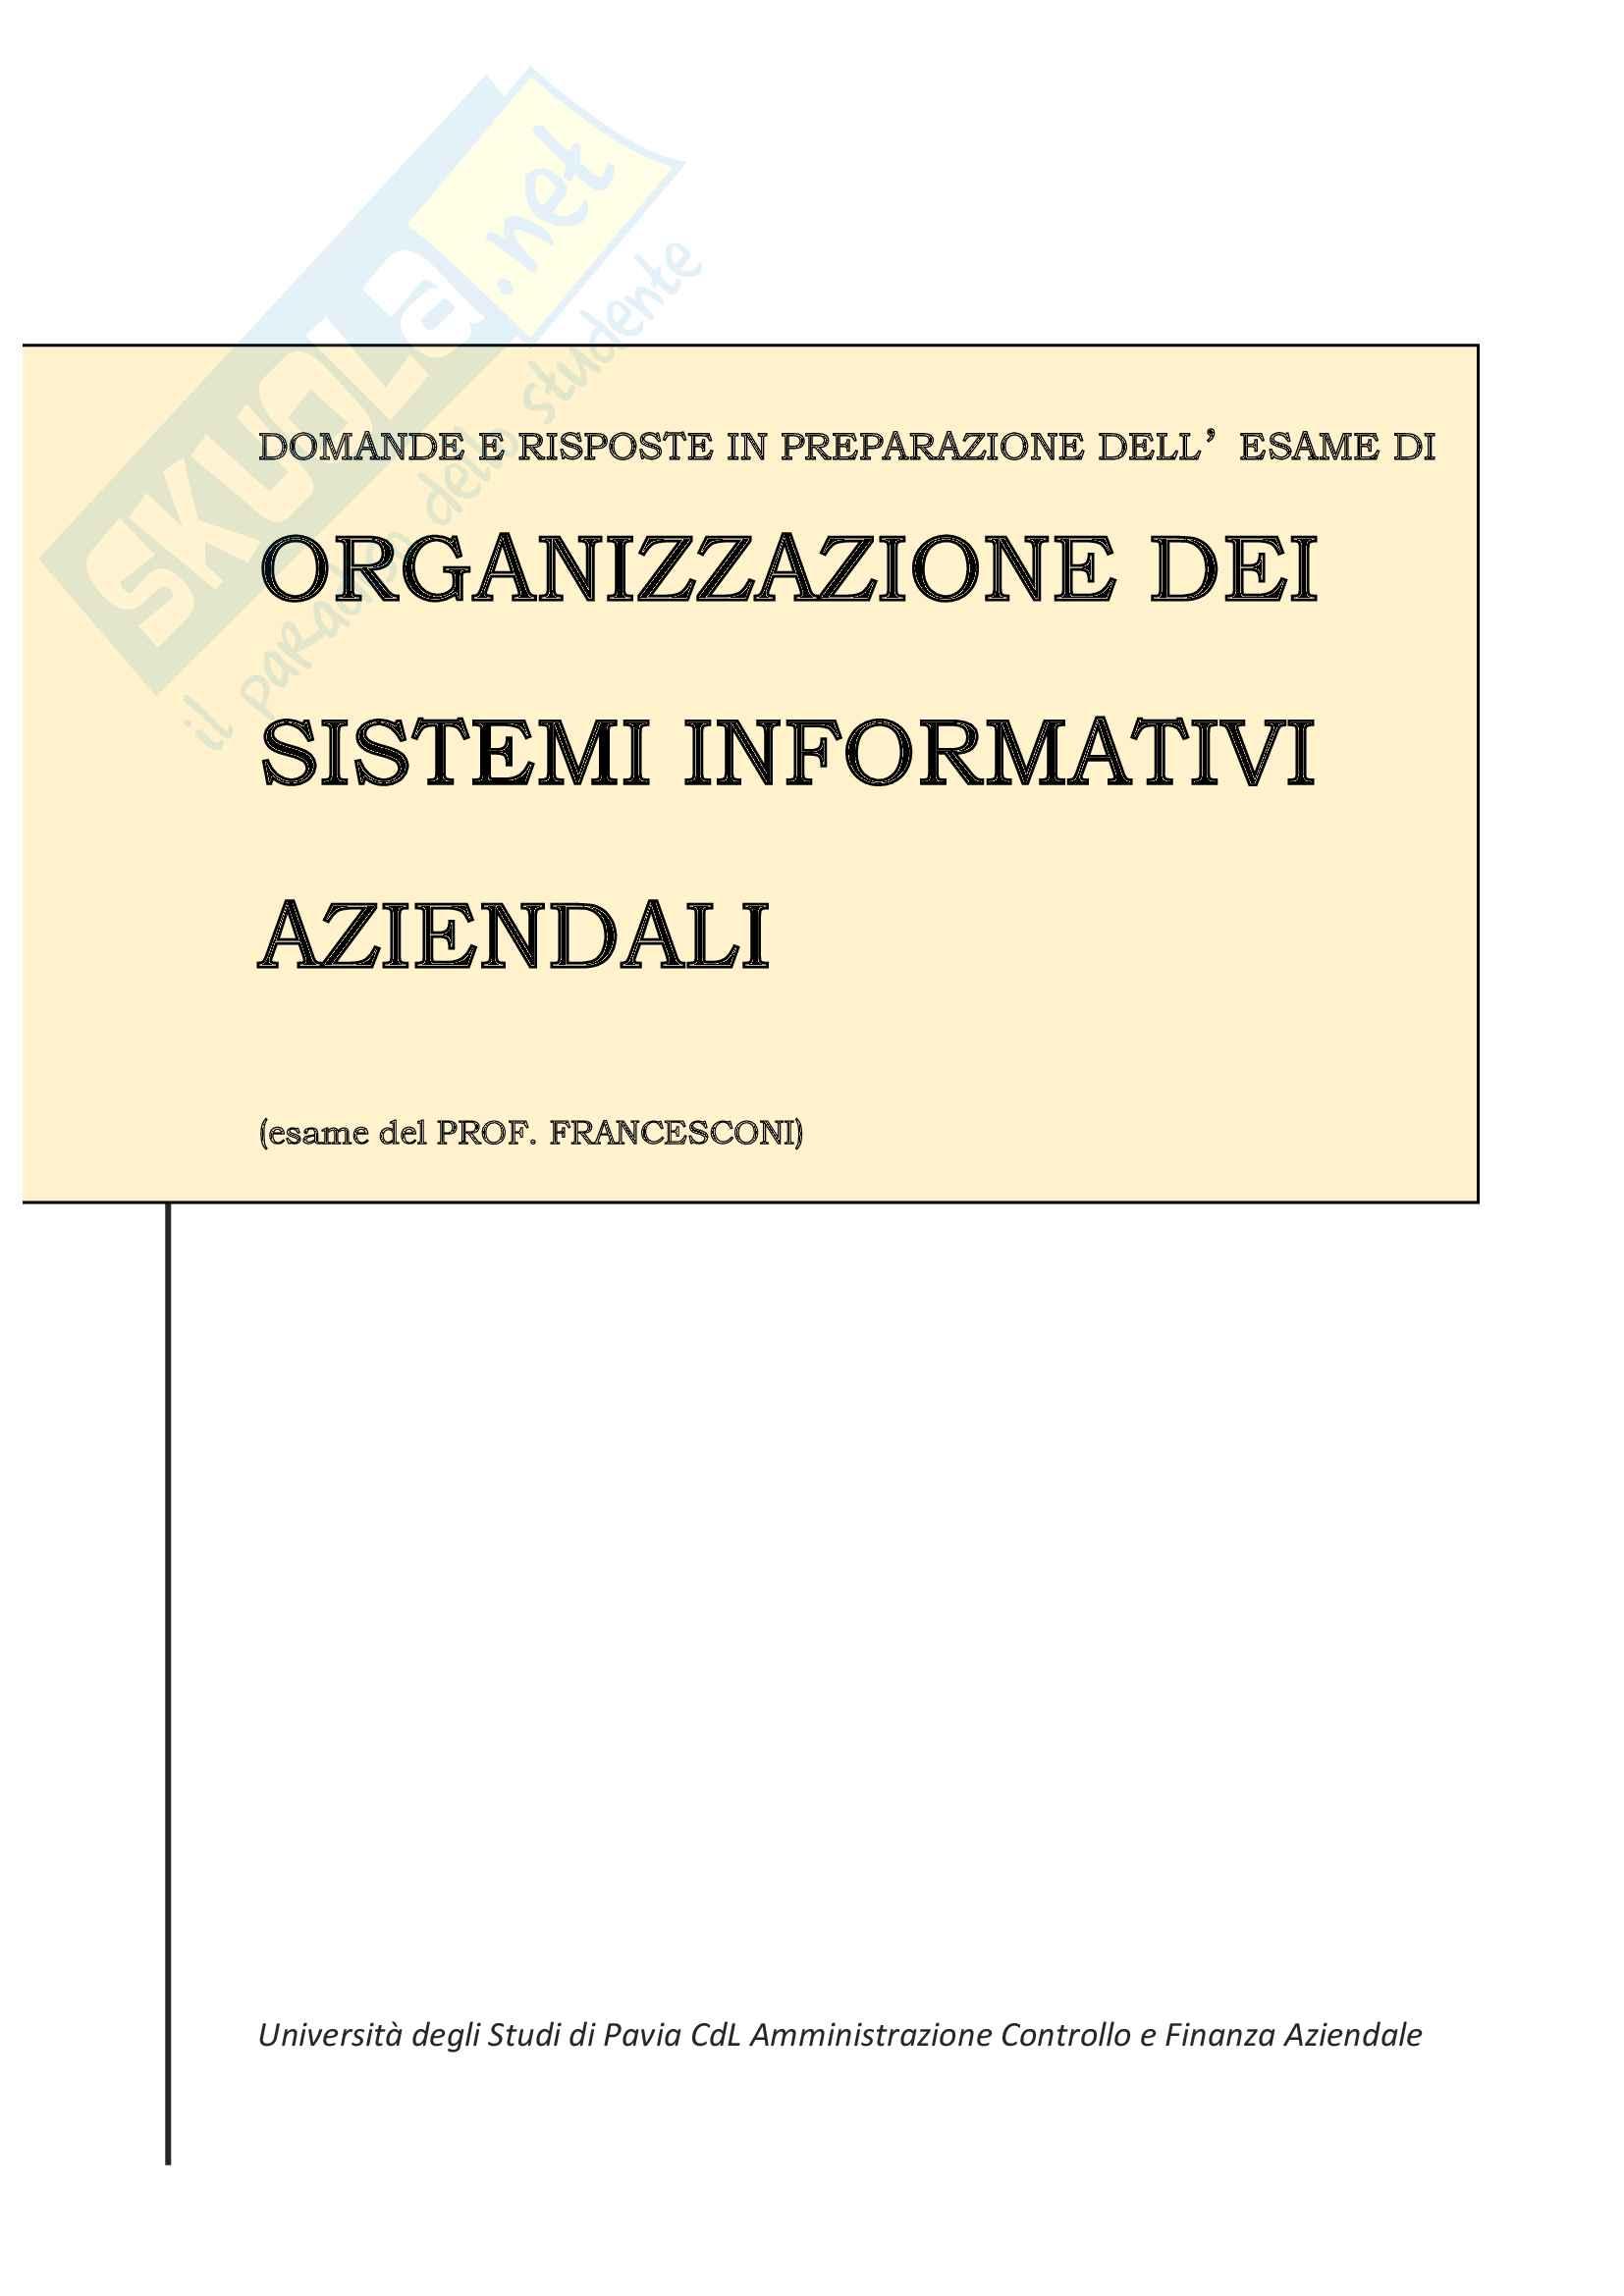 Domande e risposte di Organizzazione dei sistemi informativi aziendali